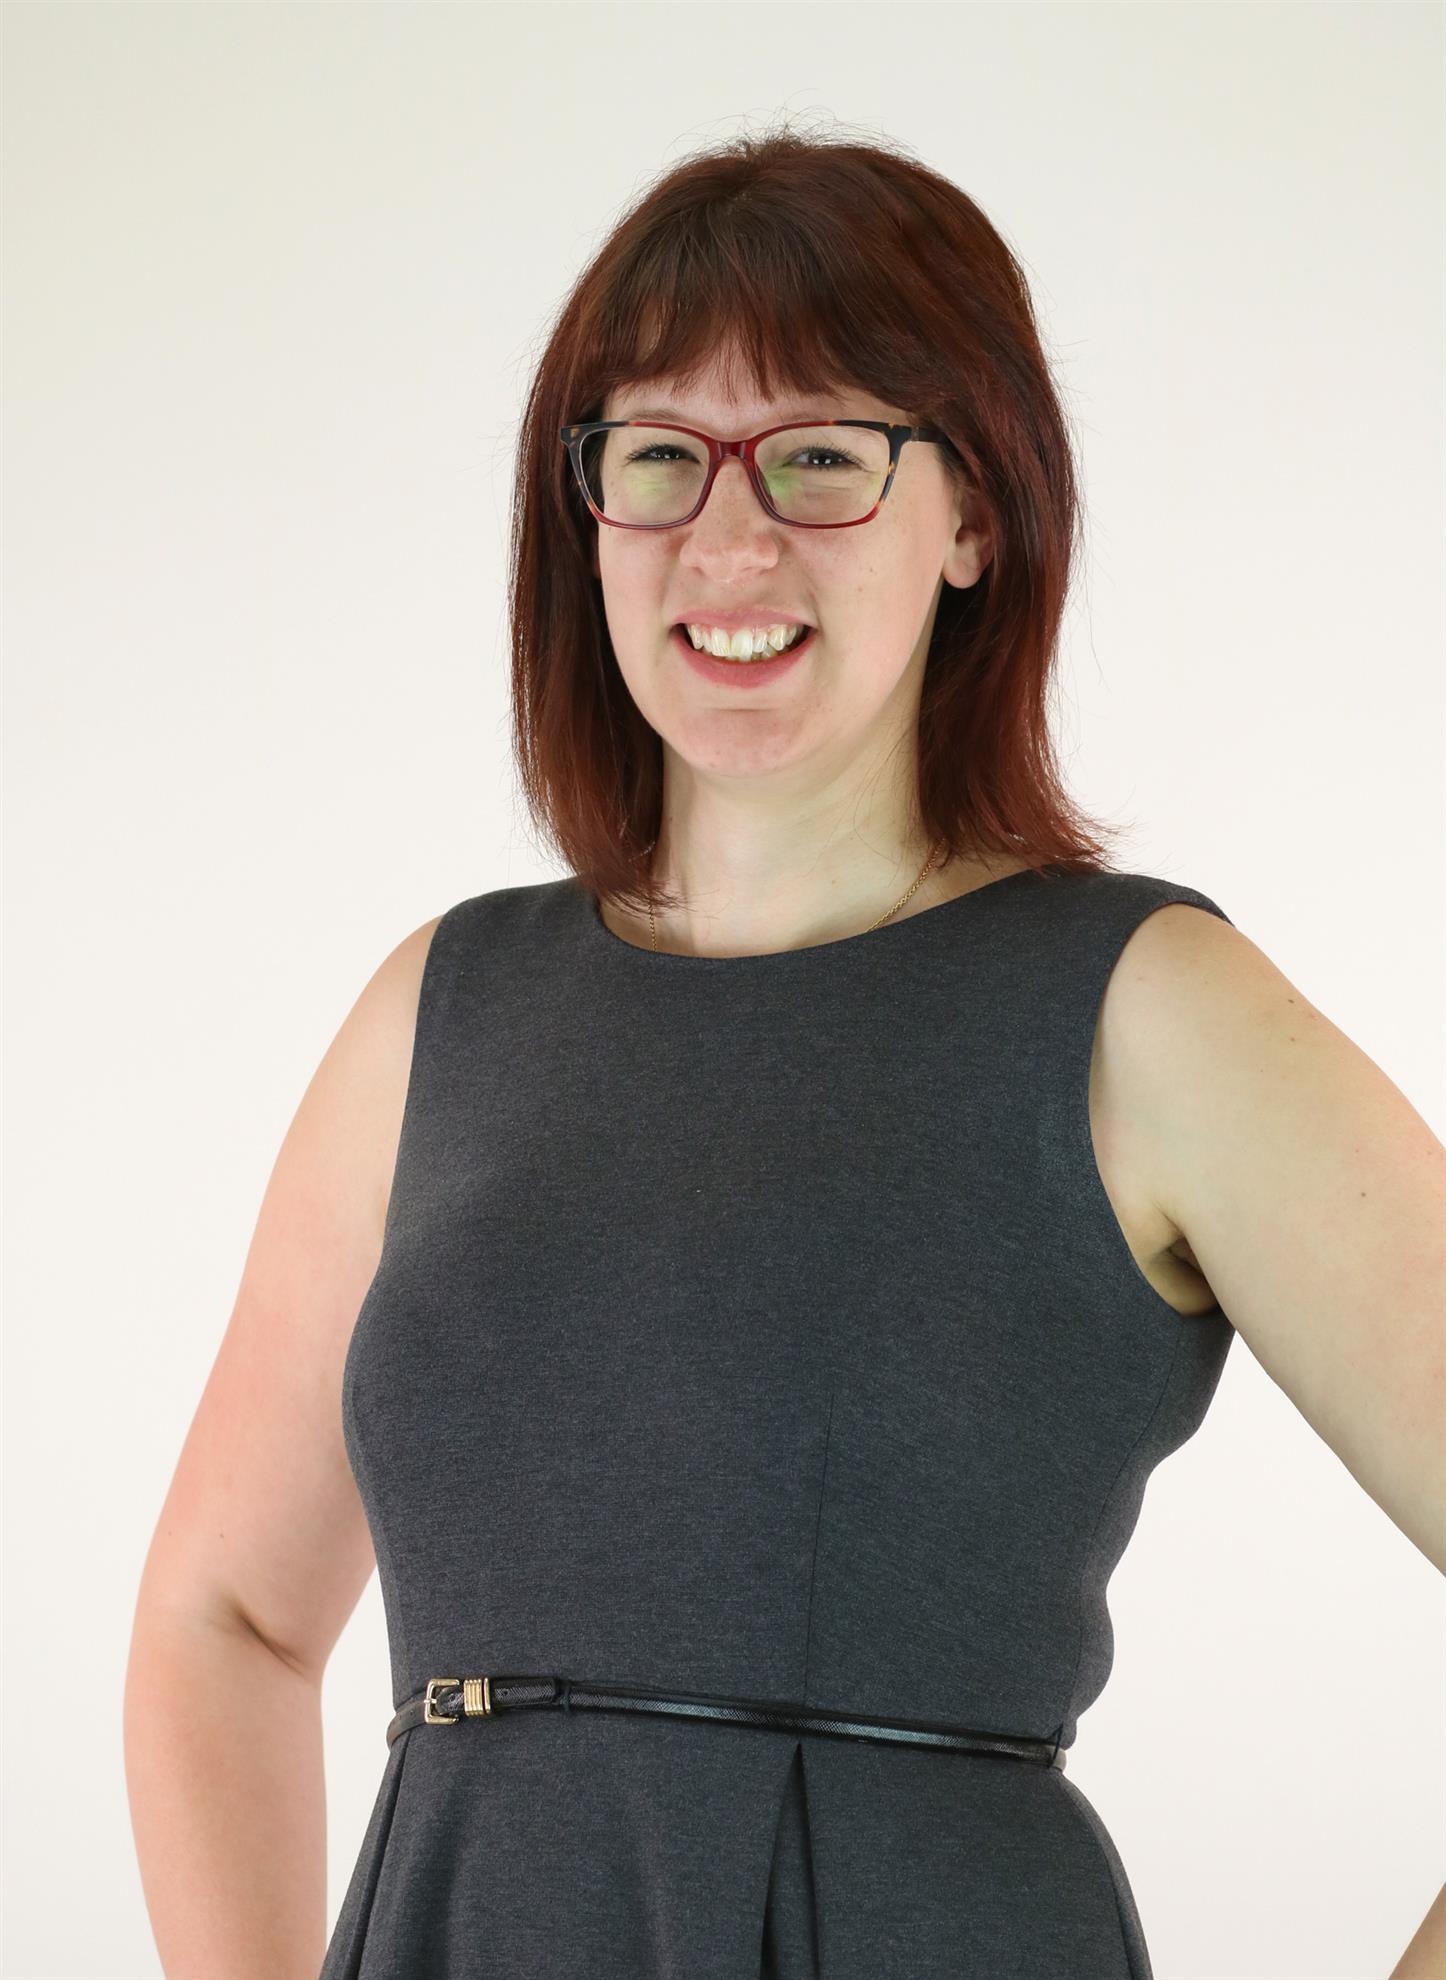 Stacy Jeziorowski Headshot